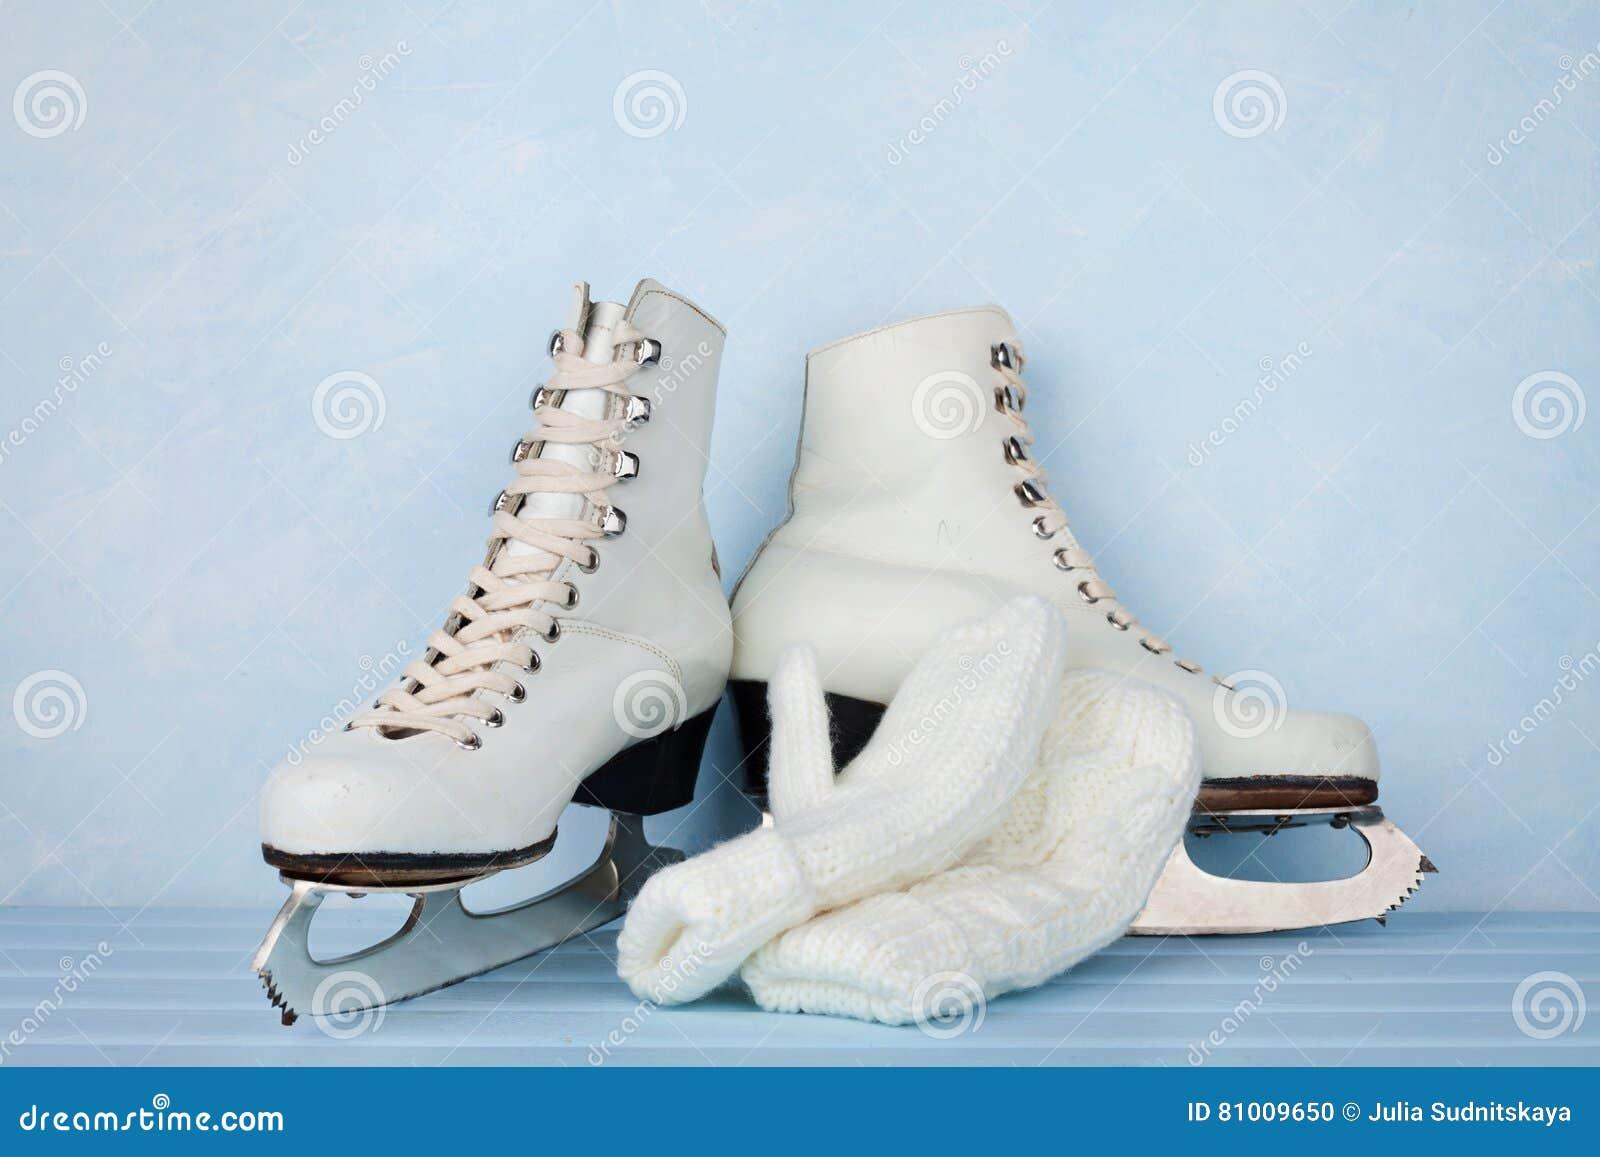 Roller skates for figure skating - Vintage Ice Skates For Figure Skating And Knitted Mittens On Turquoise Background